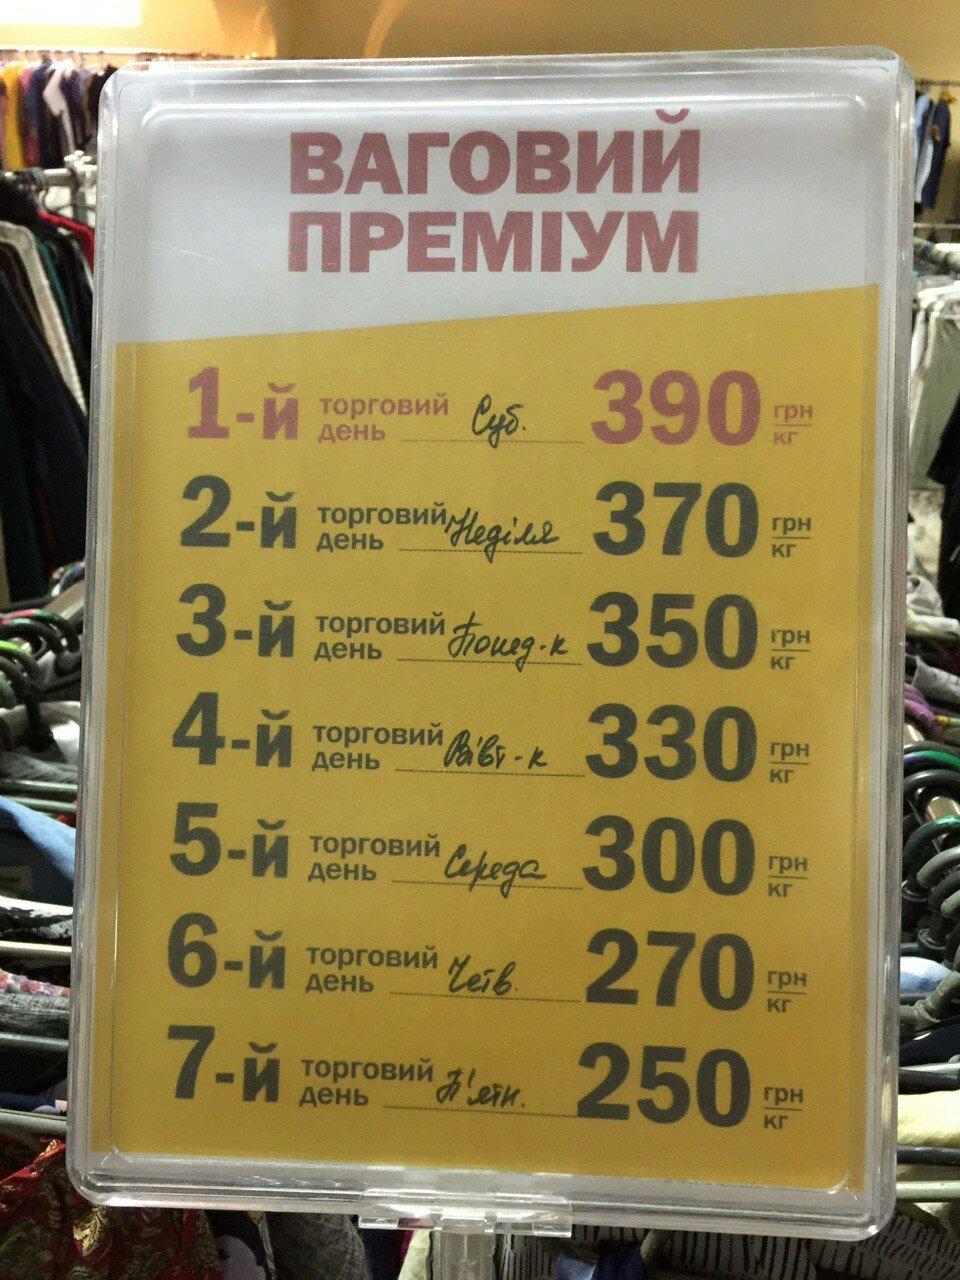 Время секонд хэнд: где найти дешевую брендовую одежду в Северодонецке , фото-3